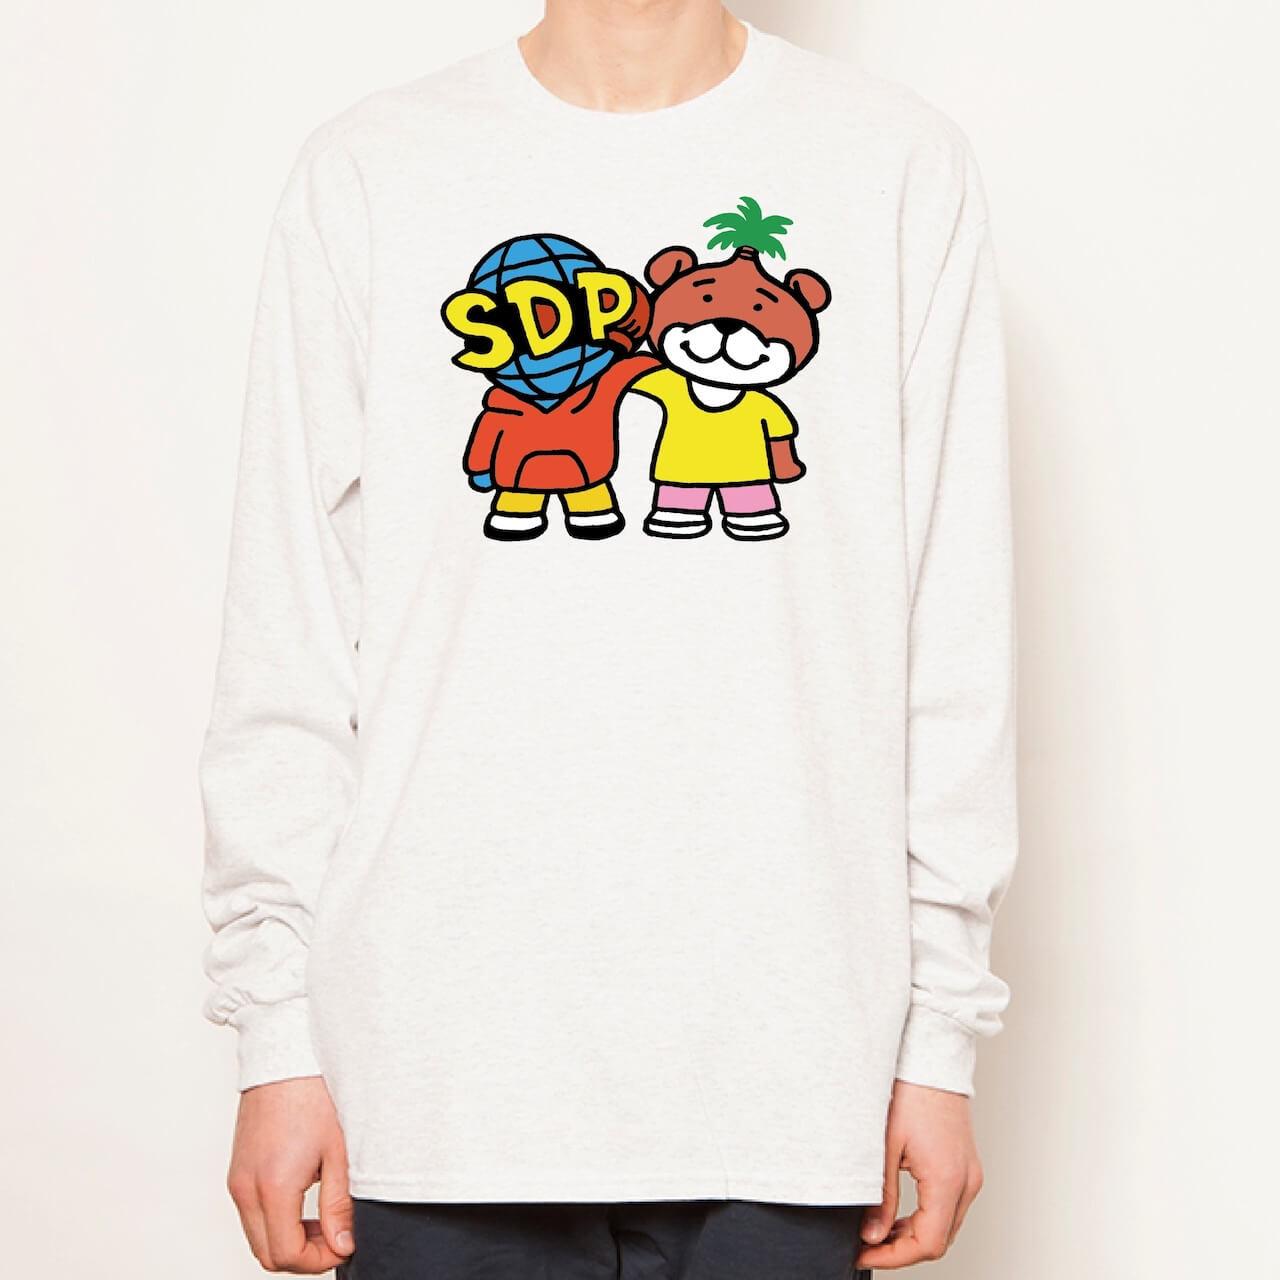 「スチャとネバヤン」話題のコラボからオリジナルTシャツとロンTが発売決定 music210928-schadaraparr-neveryoungbeach-2